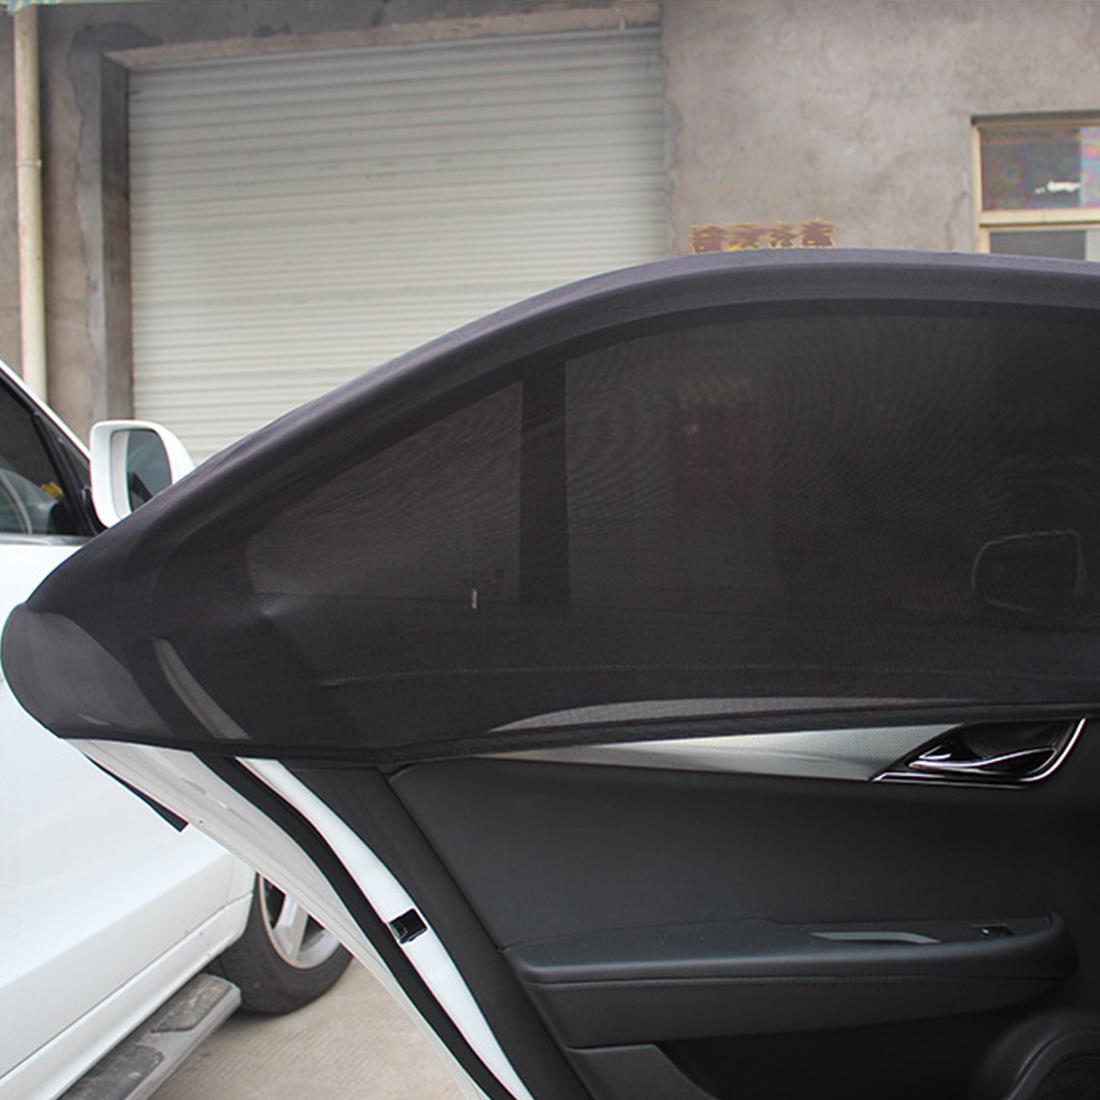 Car Sun Visor Rear Side Window Sun Shade Mesh Fabric Sun Visor Shade Cover Shield UV Protector Black Auto Sunshade Curtain 2Pcs